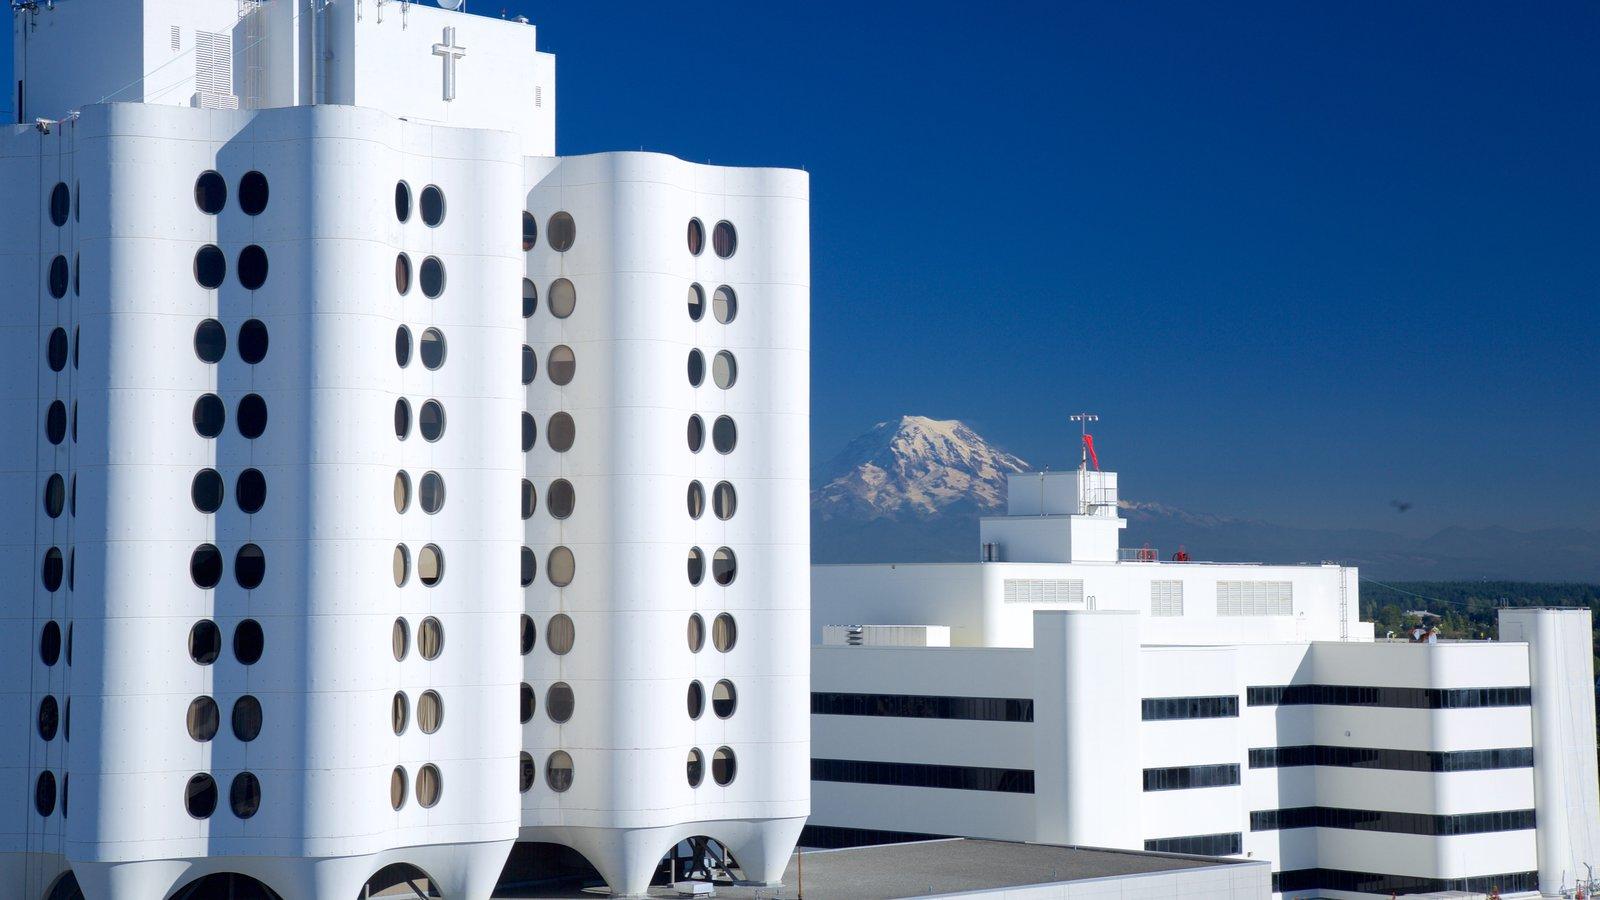 Puget Sound que inclui arquitetura moderna